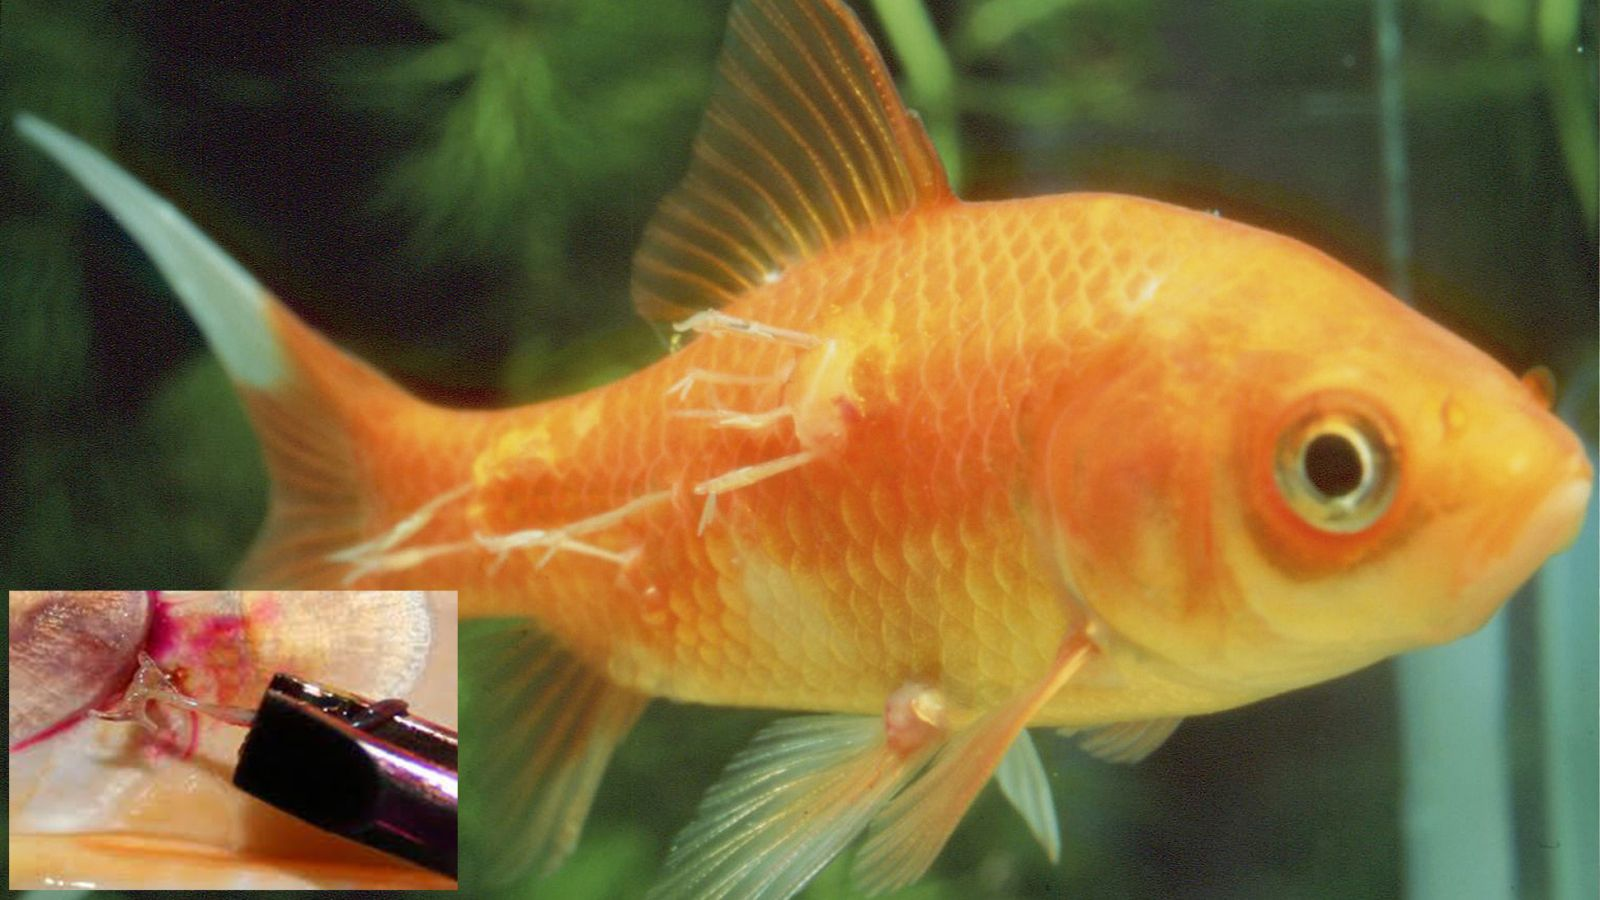 Lernaea, trùng mỏ neo, Lernaea trên cá, Lernaea in fish